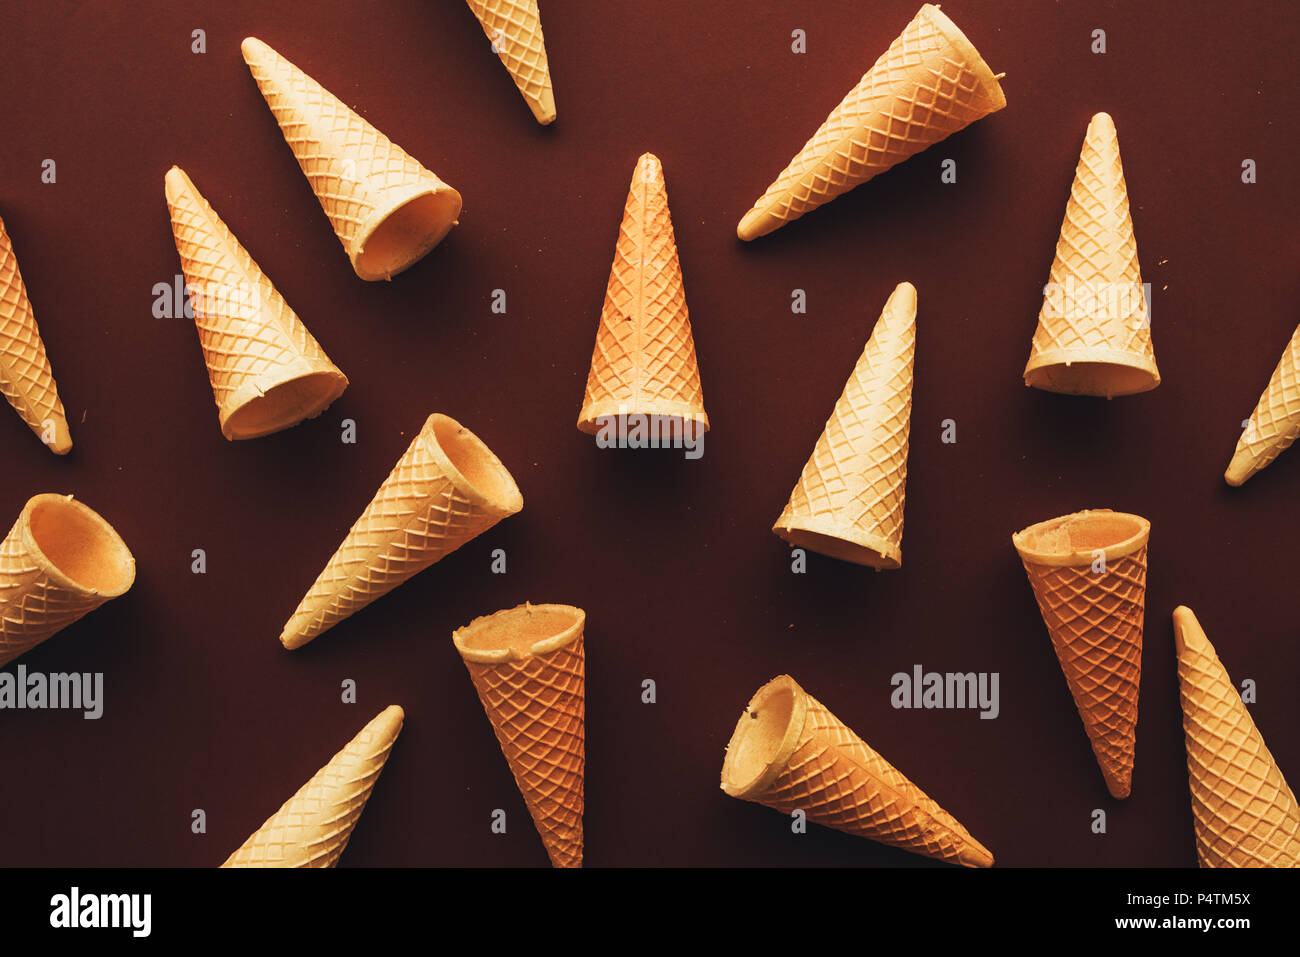 Conos de helado desde arriba, fija mínima composición laicos con espacio de copia Imagen De Stock